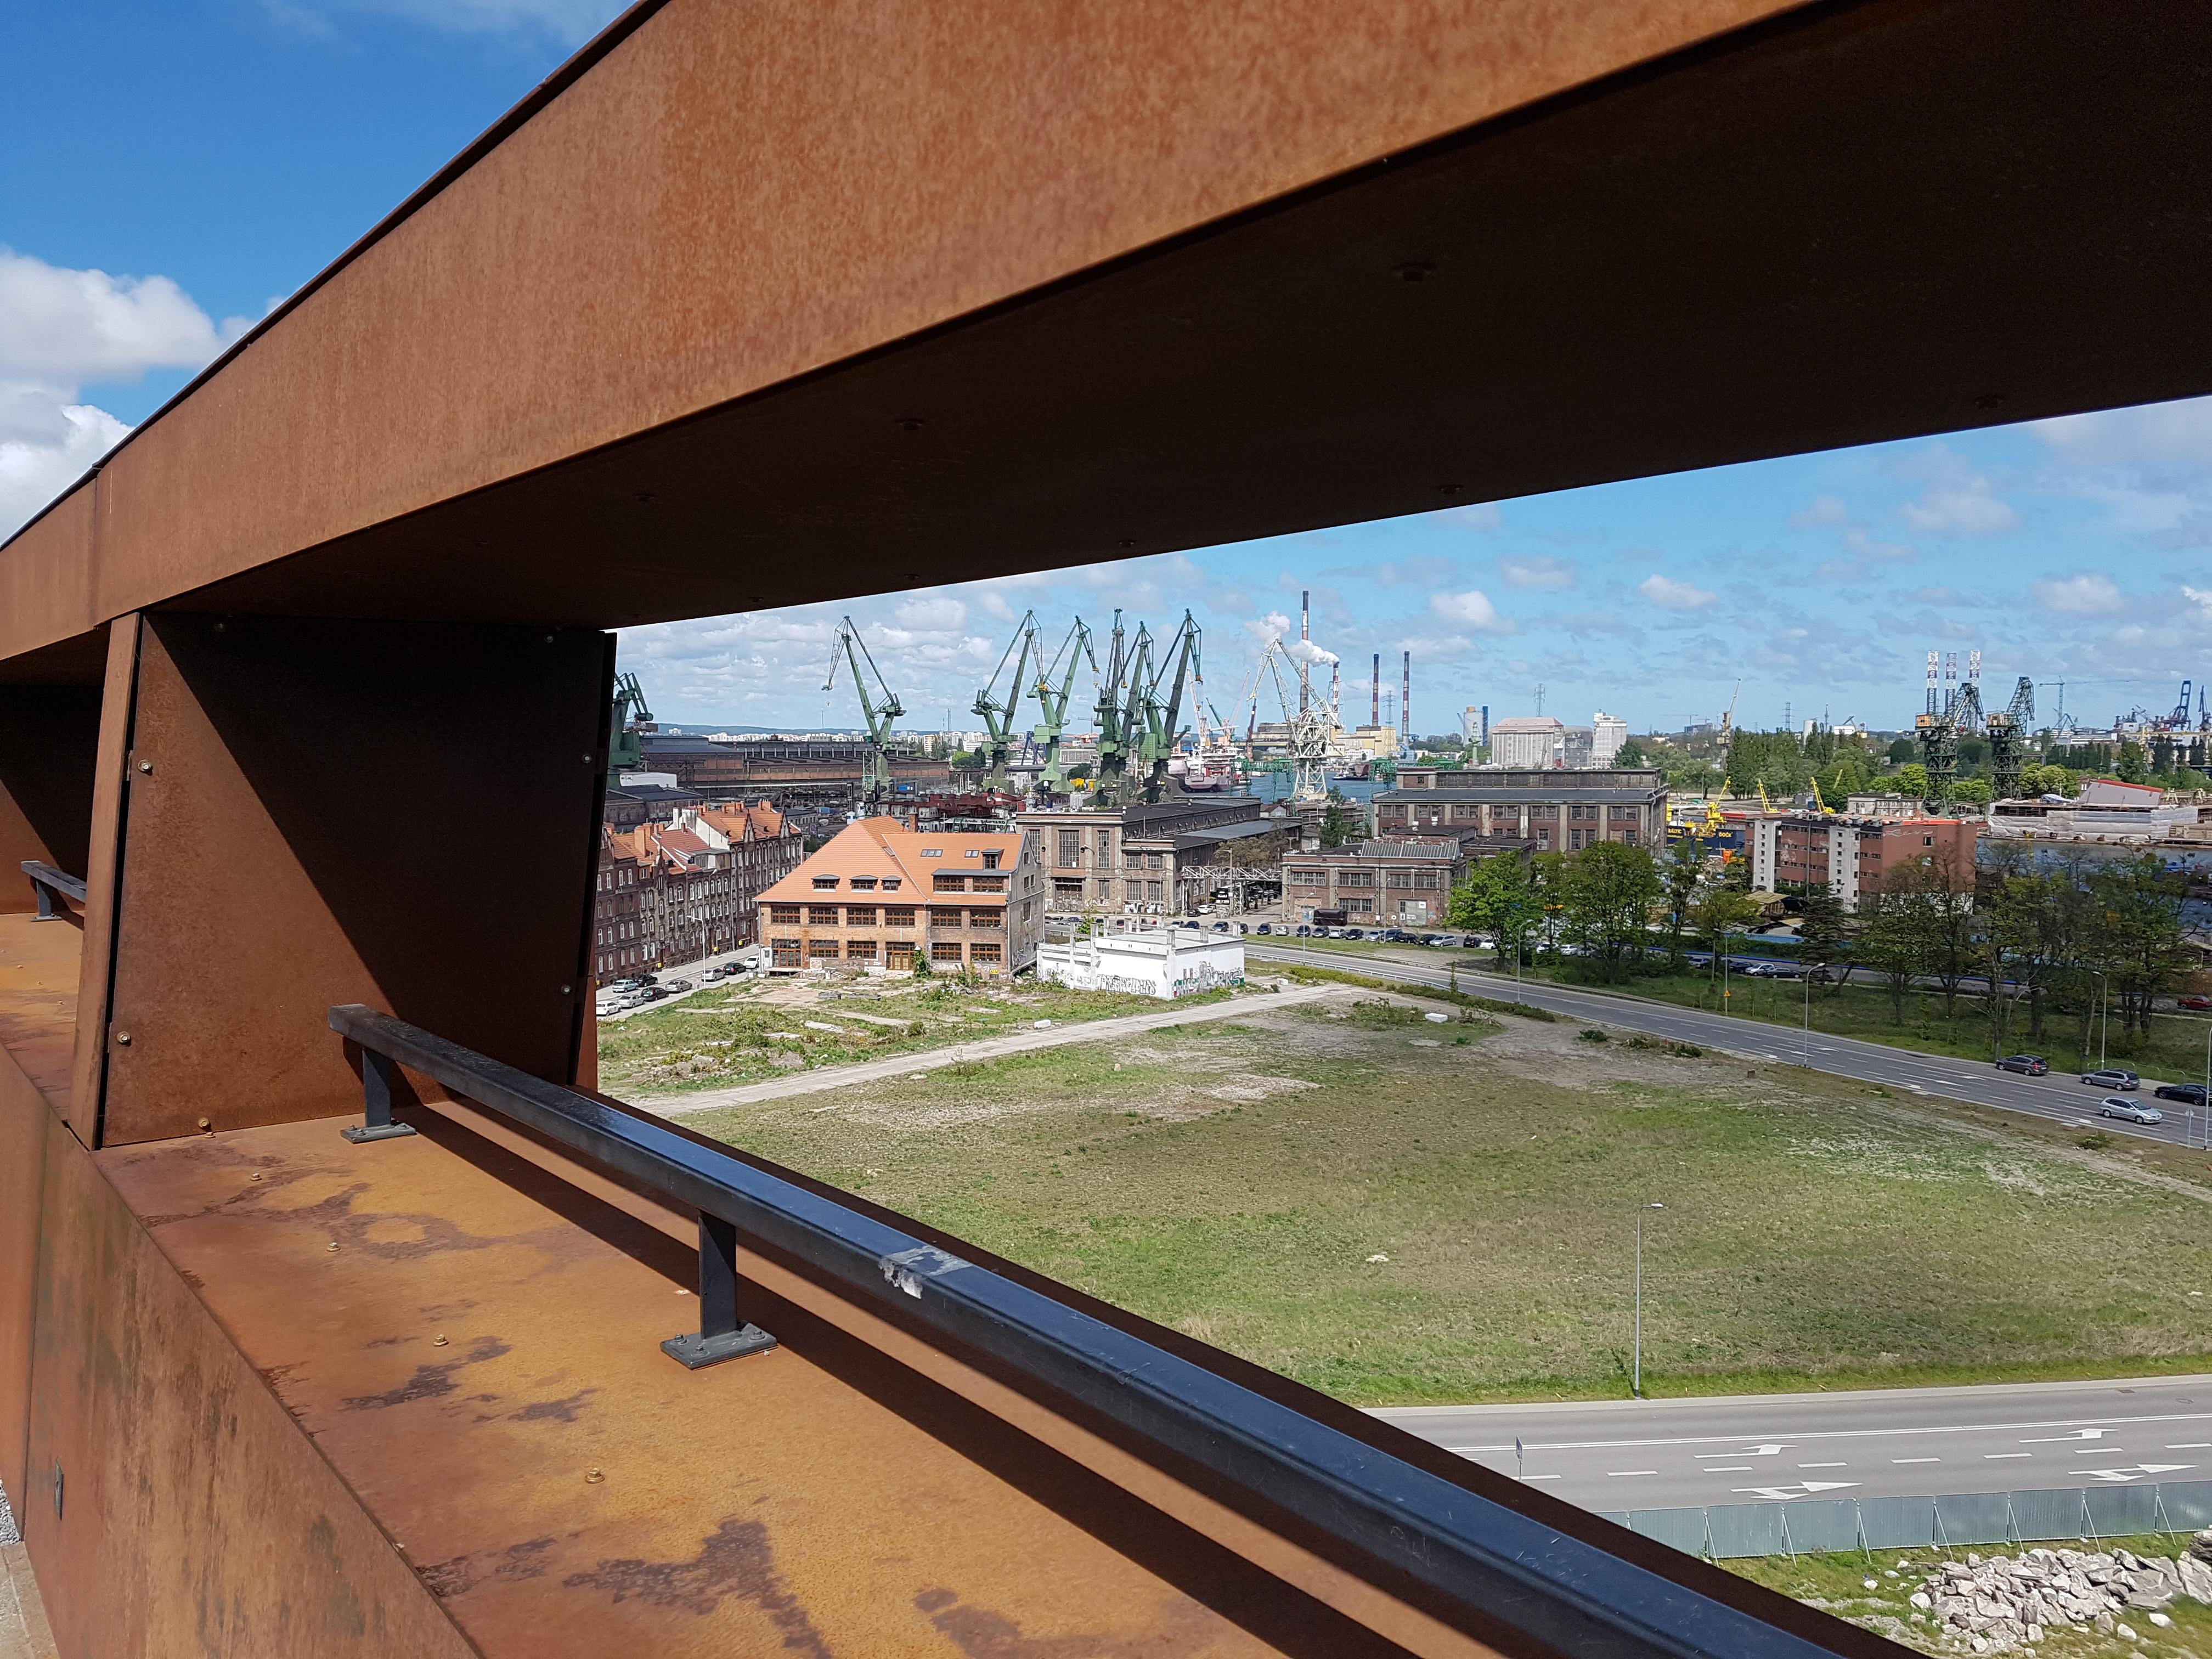 מבט מגגו של מרכז סולידריות לעבר המספנות של גדנסק , צילום: דוד הכהן